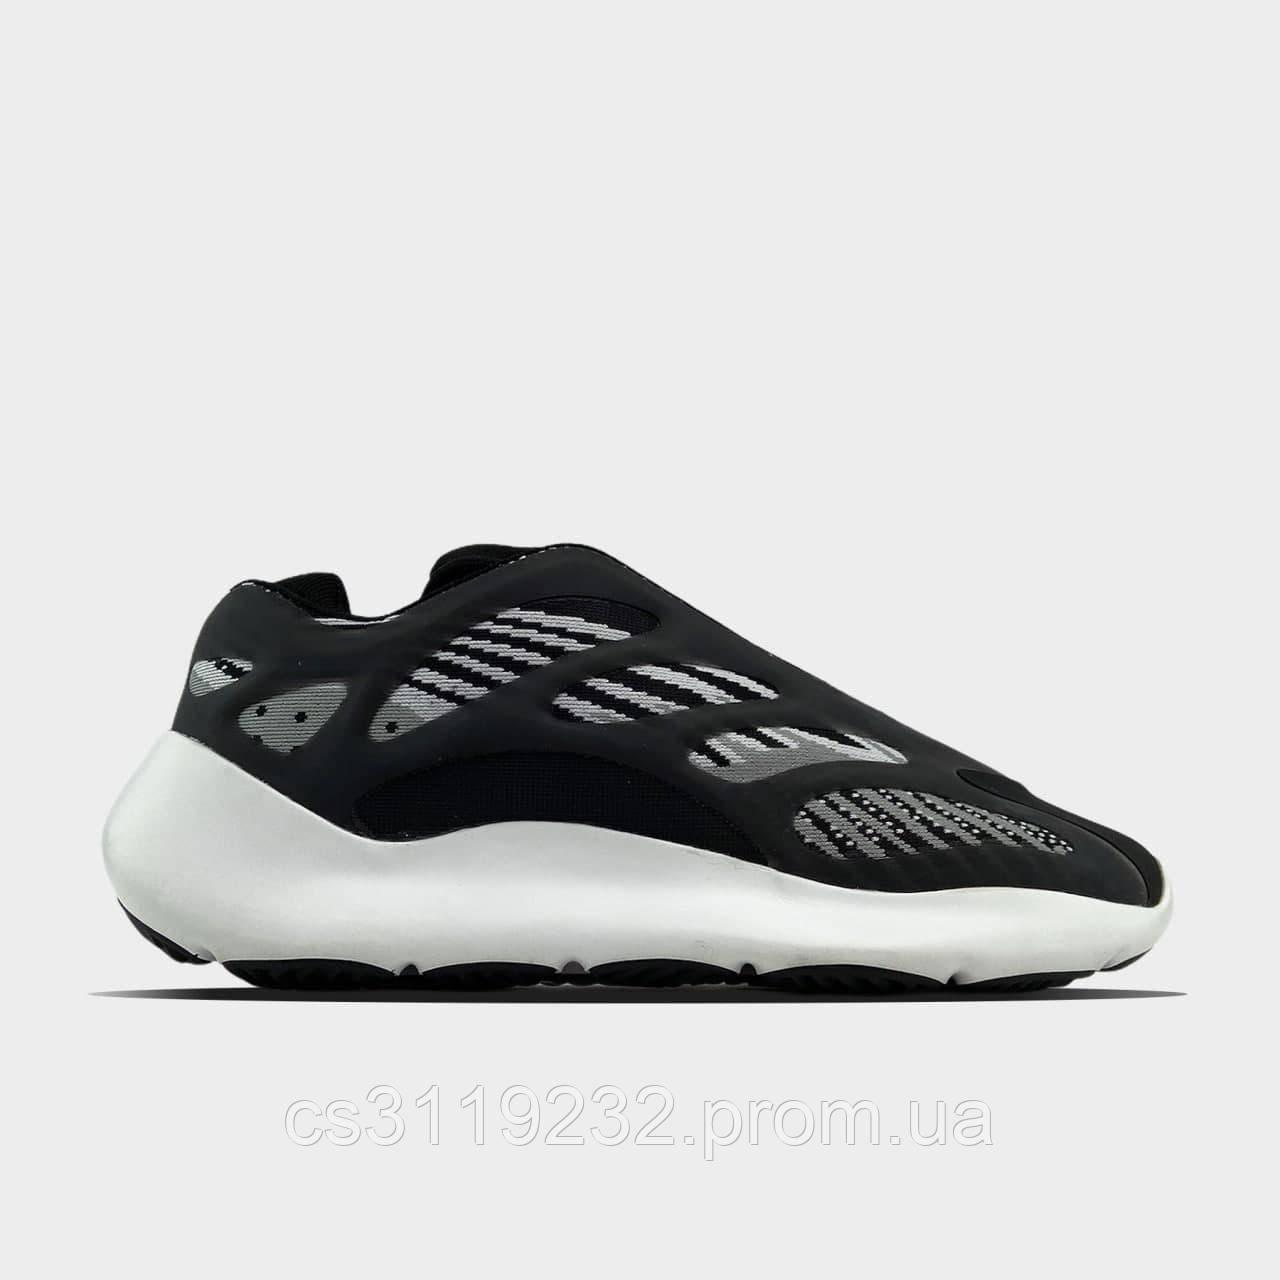 Мужские кроссовки Adidas  Yeezy Boost 700 V3 Black White (черные)